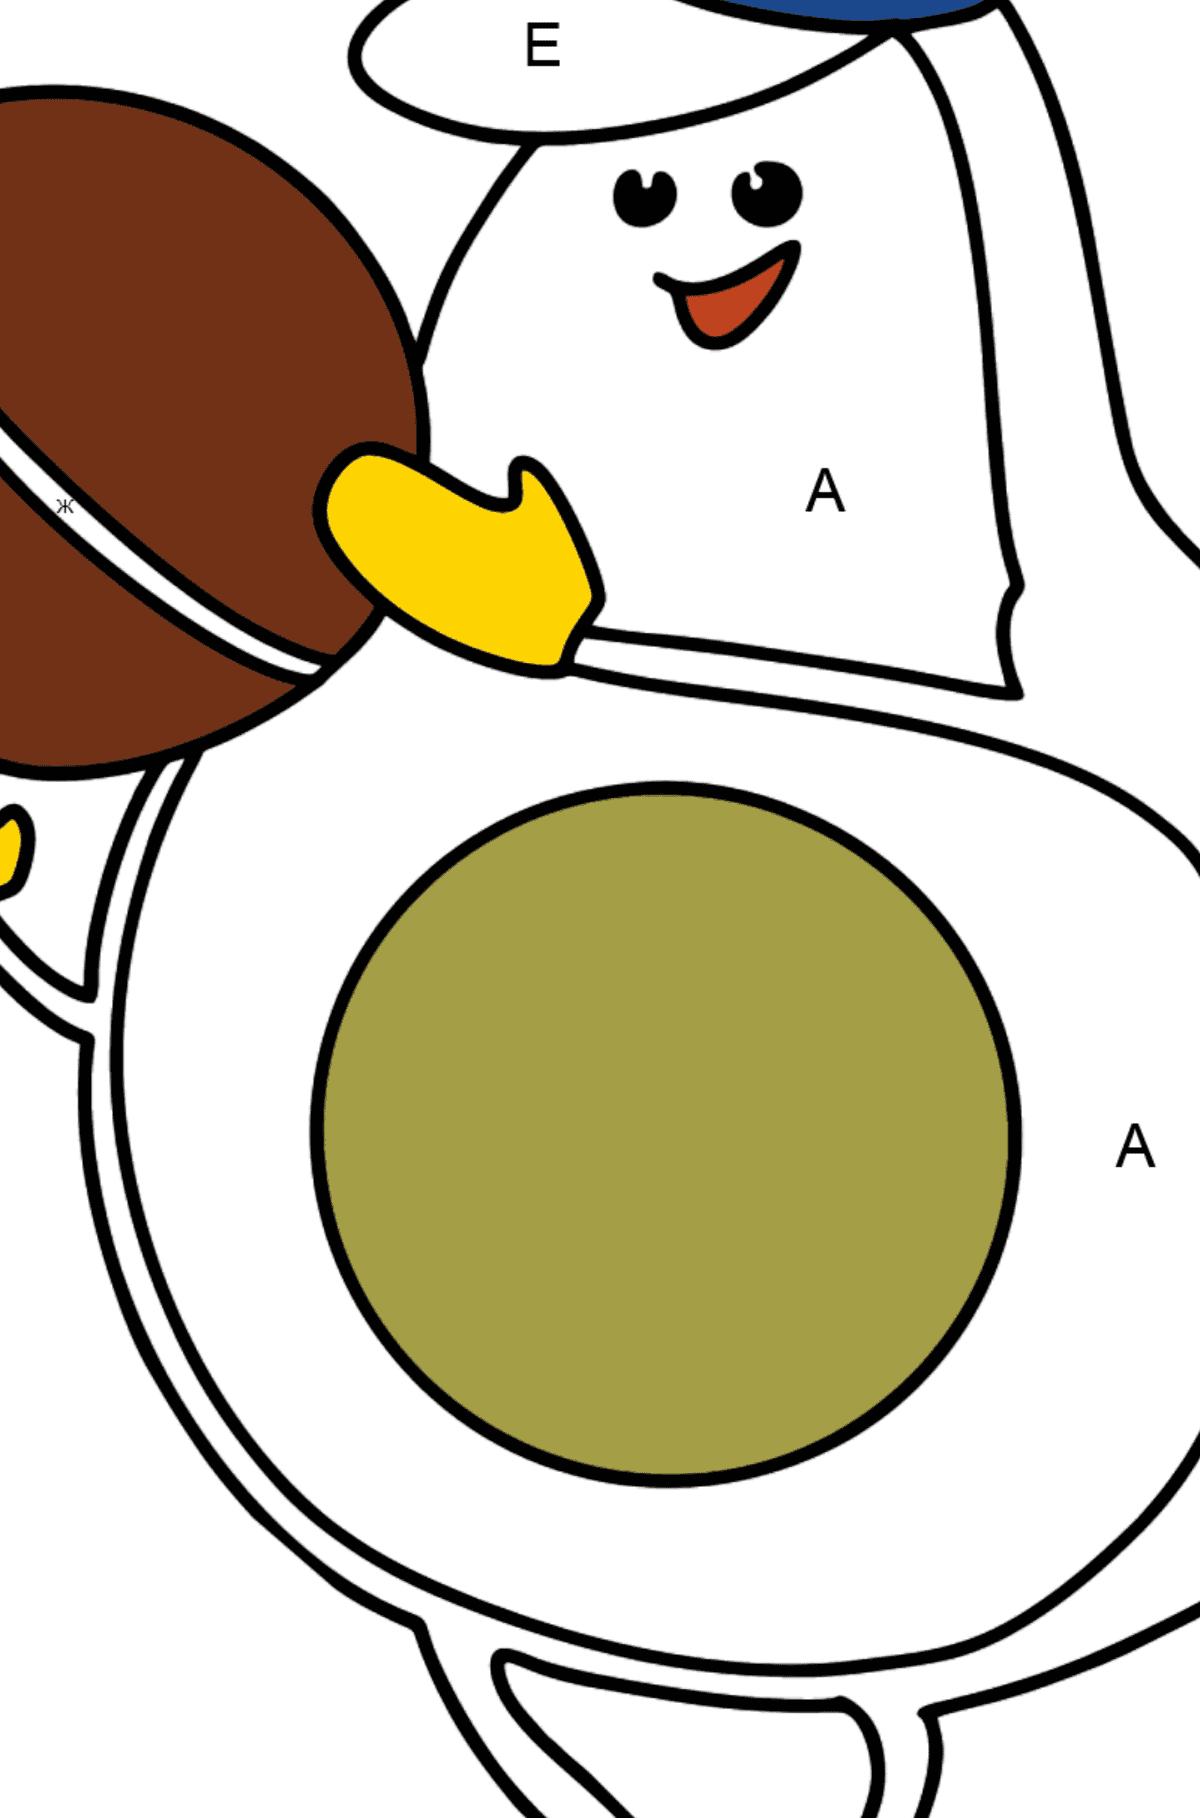 Раскраска Авокадо играет в футбол - Раскраска по Буквам для Детей